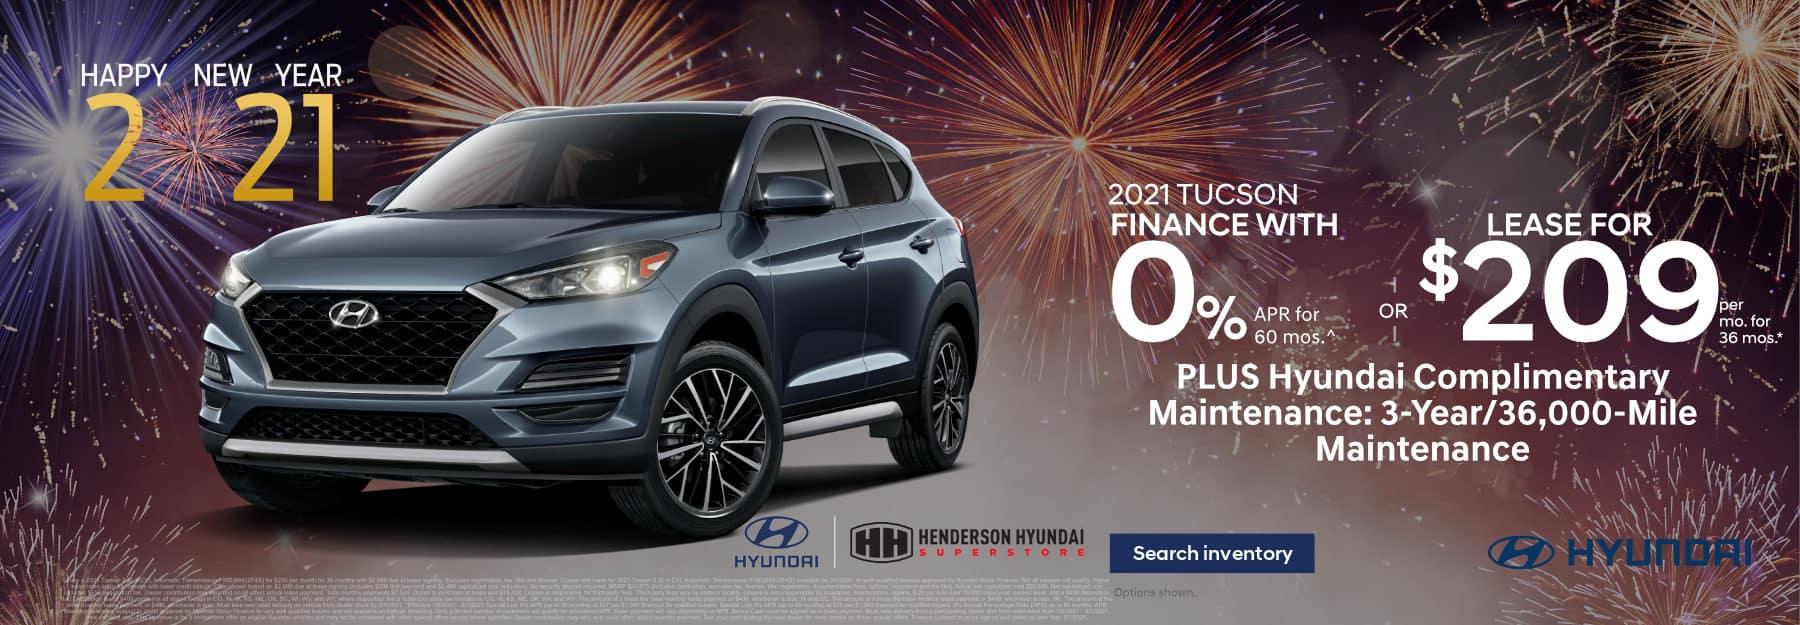 January_2021_Tucson_Henderson_Hyundai